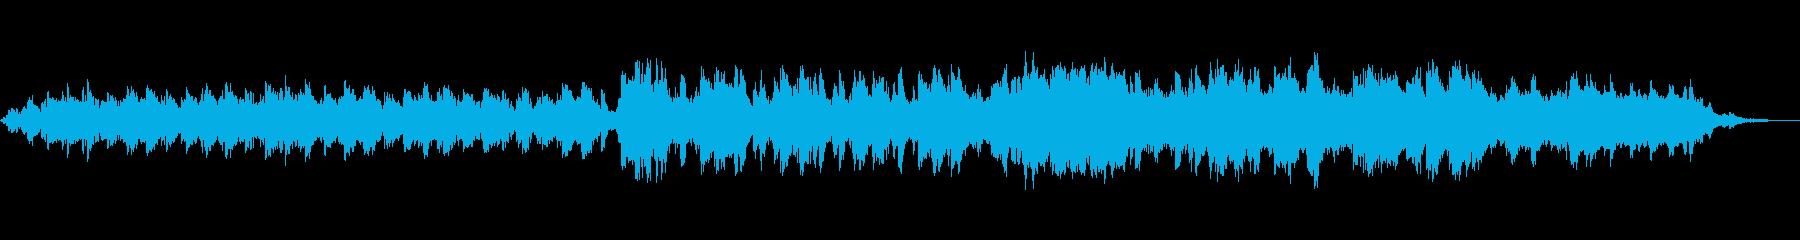 妖しく謎めいた電子アンビエントの再生済みの波形